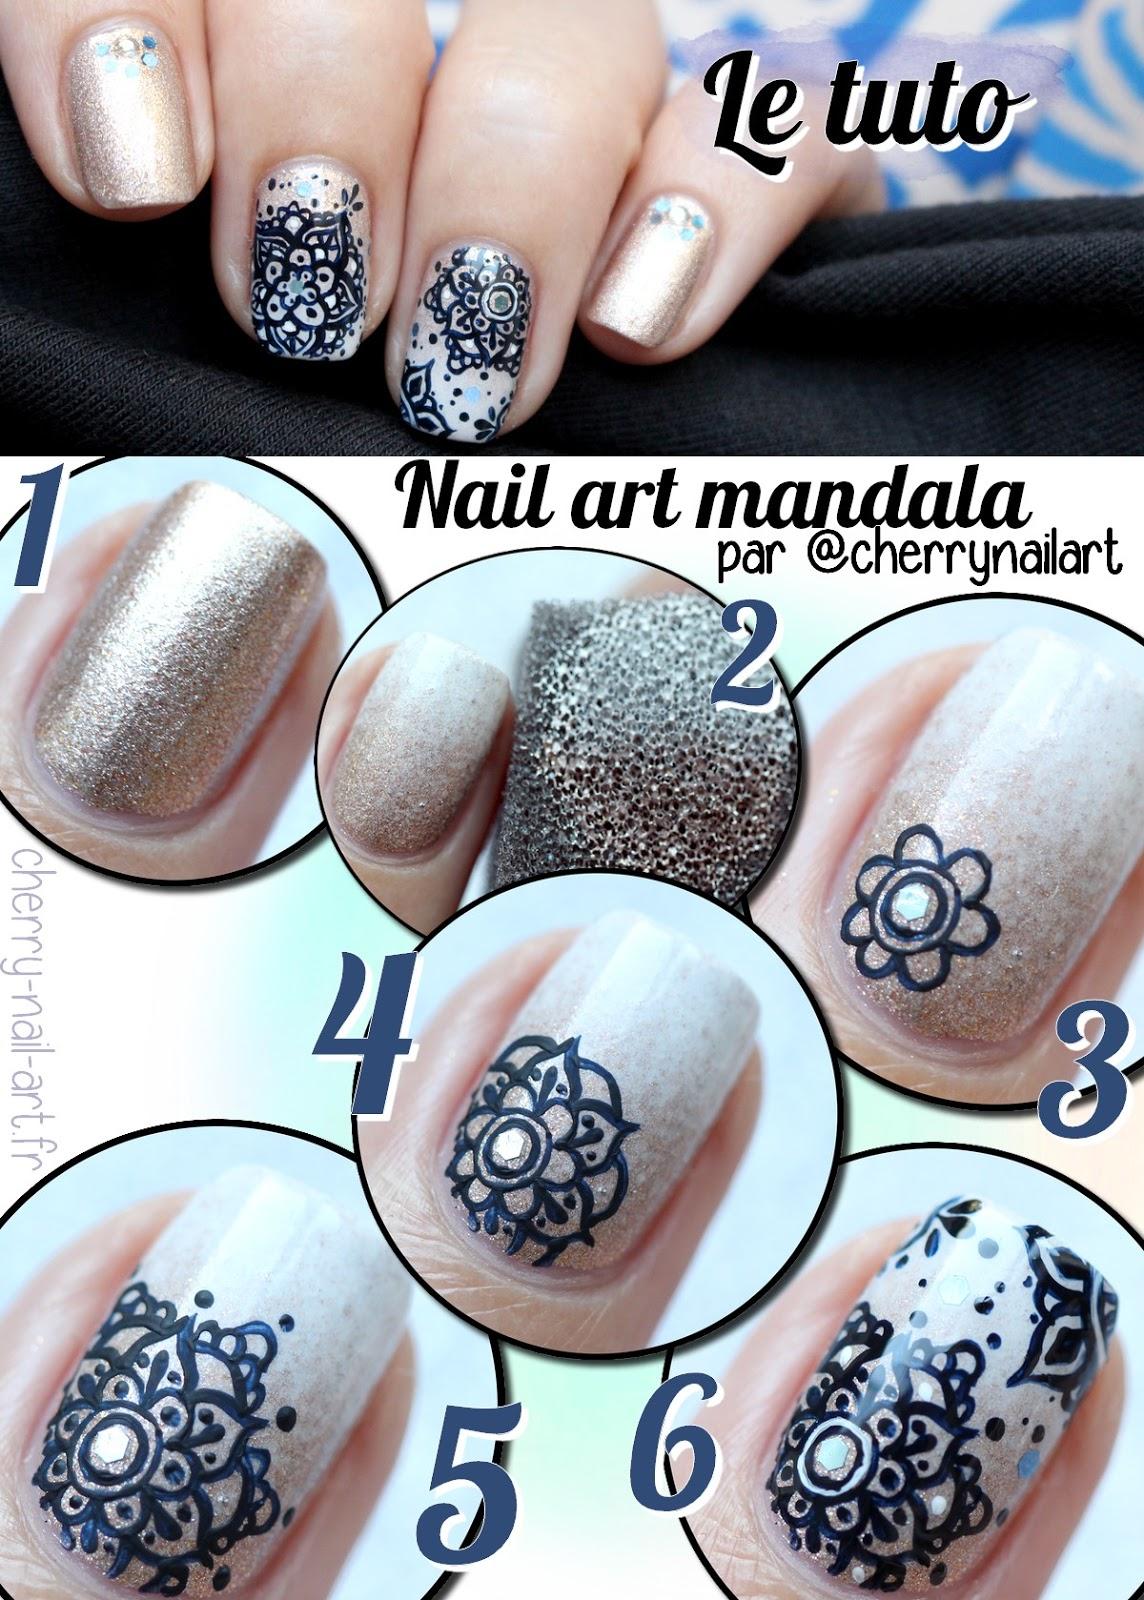 tuto-nail-art-mandala